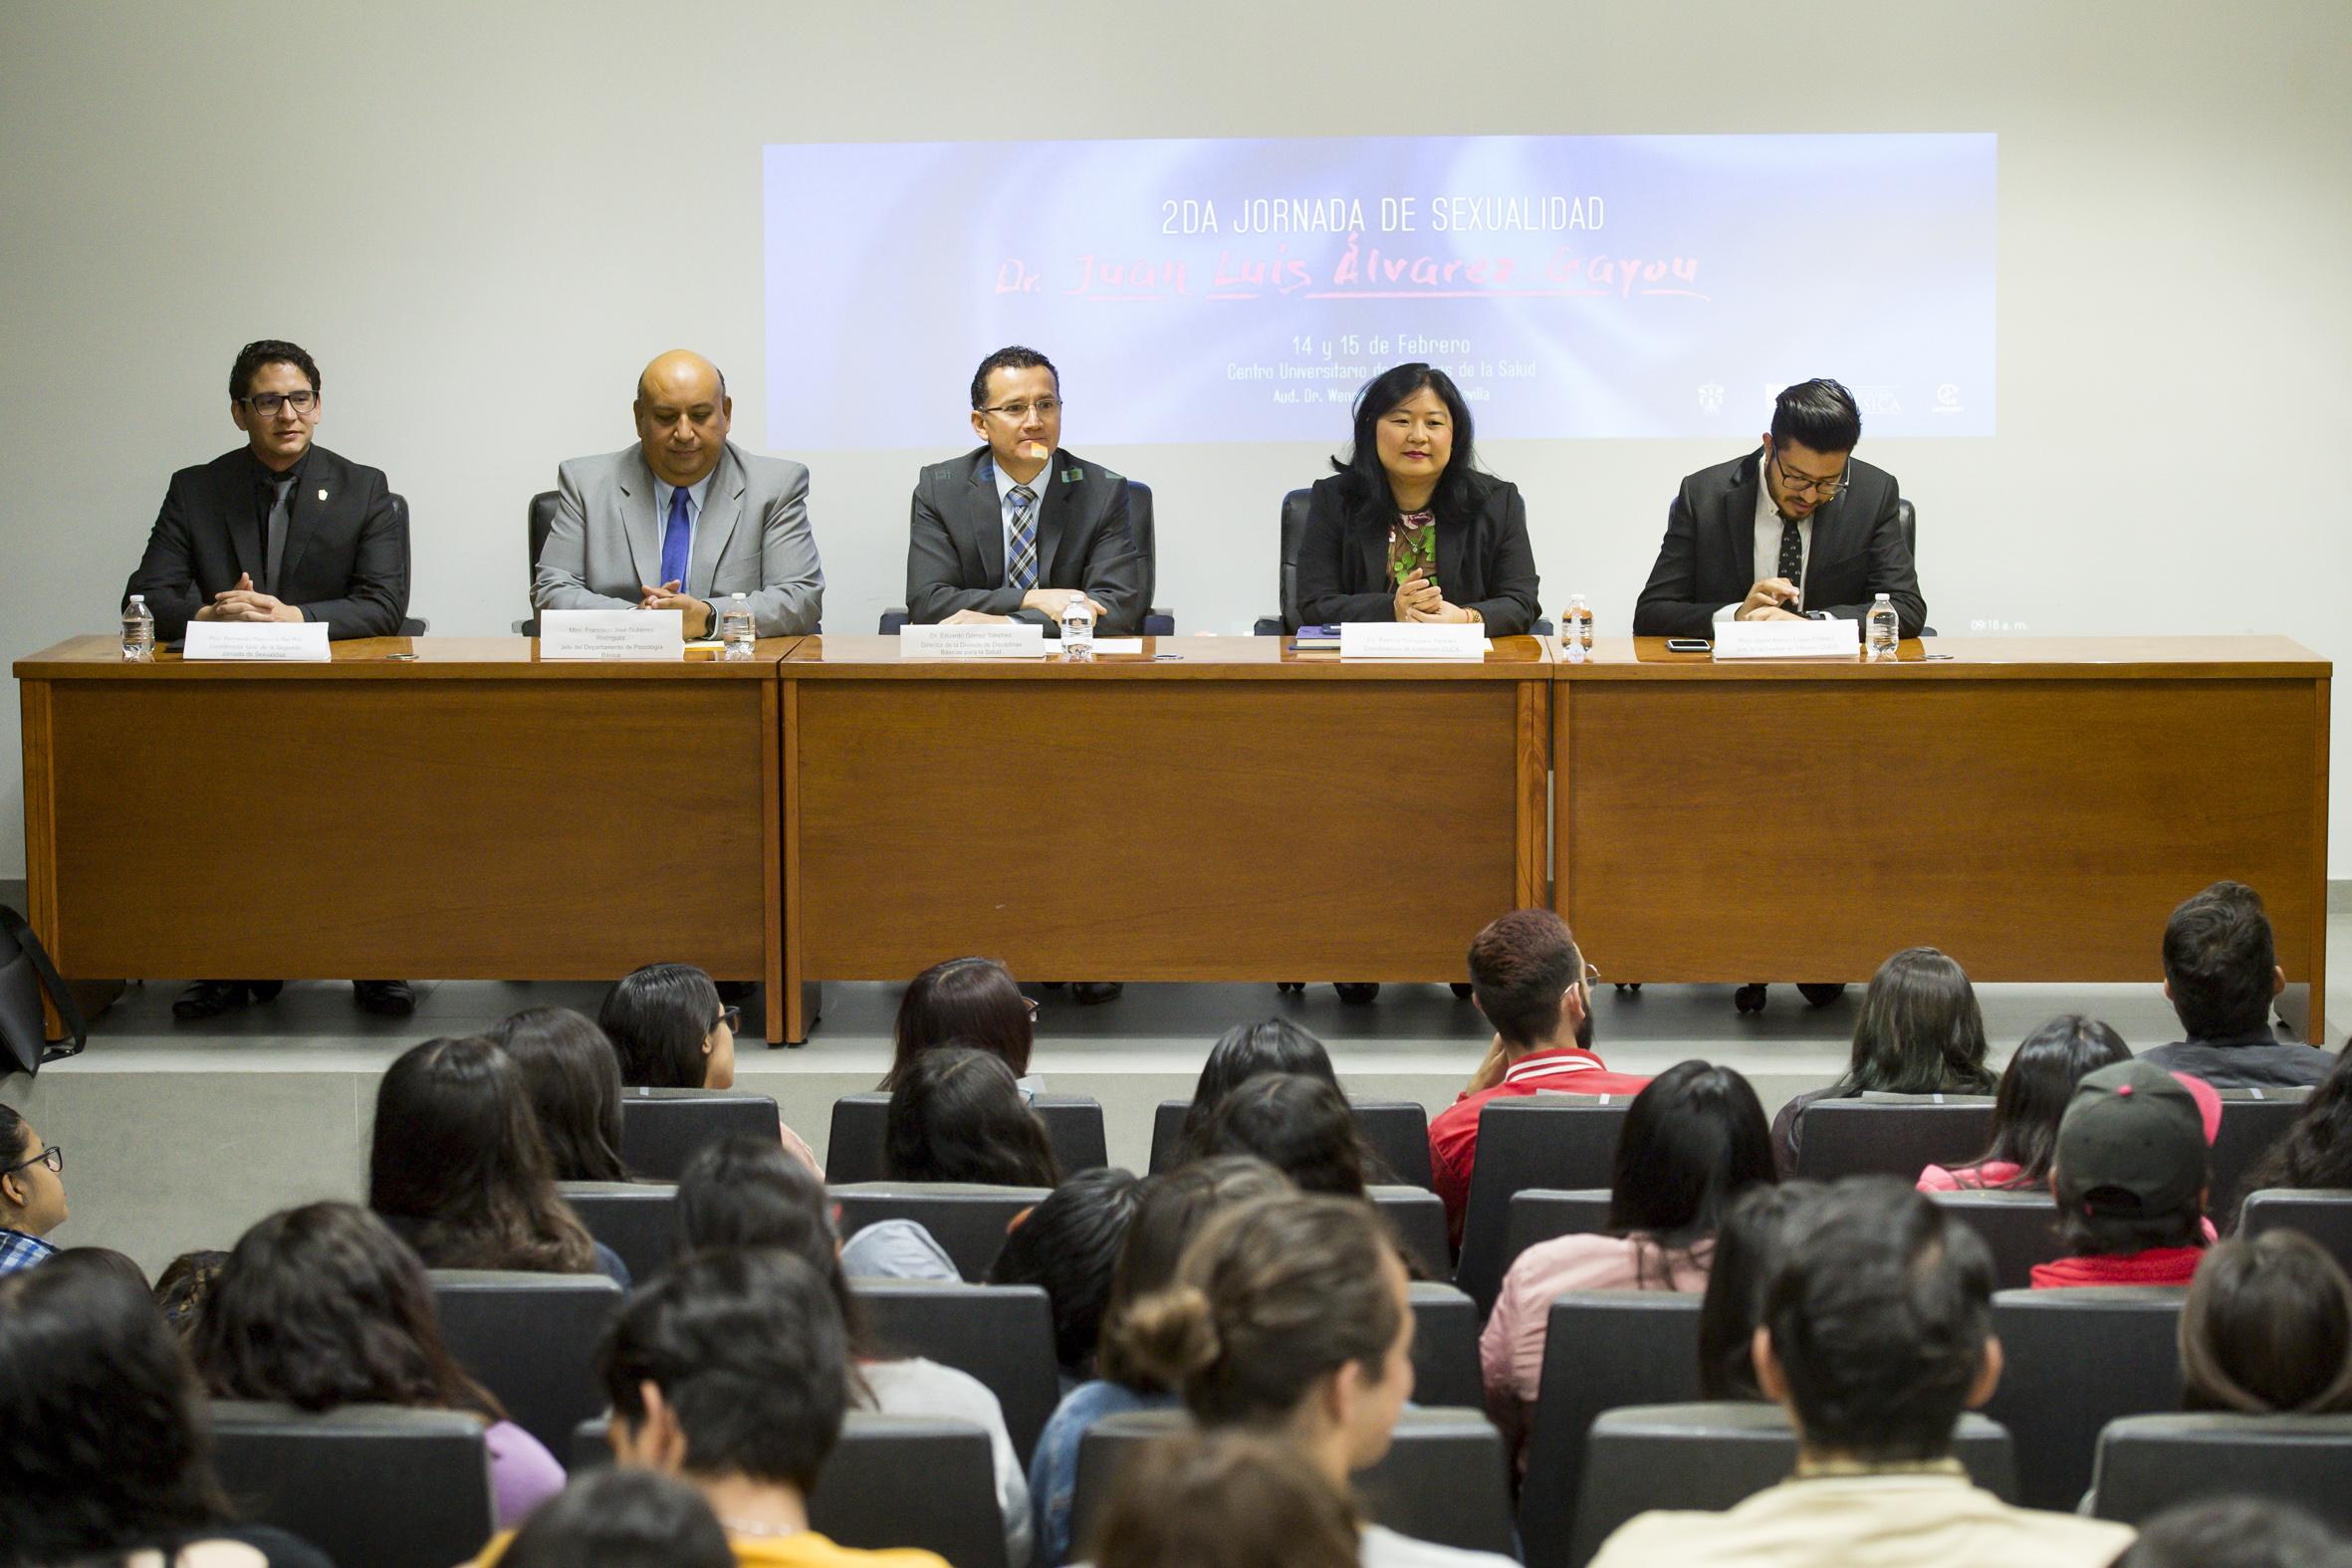 """Vista panorámica de los miembros panelistas y asistentes a la 2da. jornada de sexualidad """"Doctor Juan Luis Álvarez Gayou""""."""